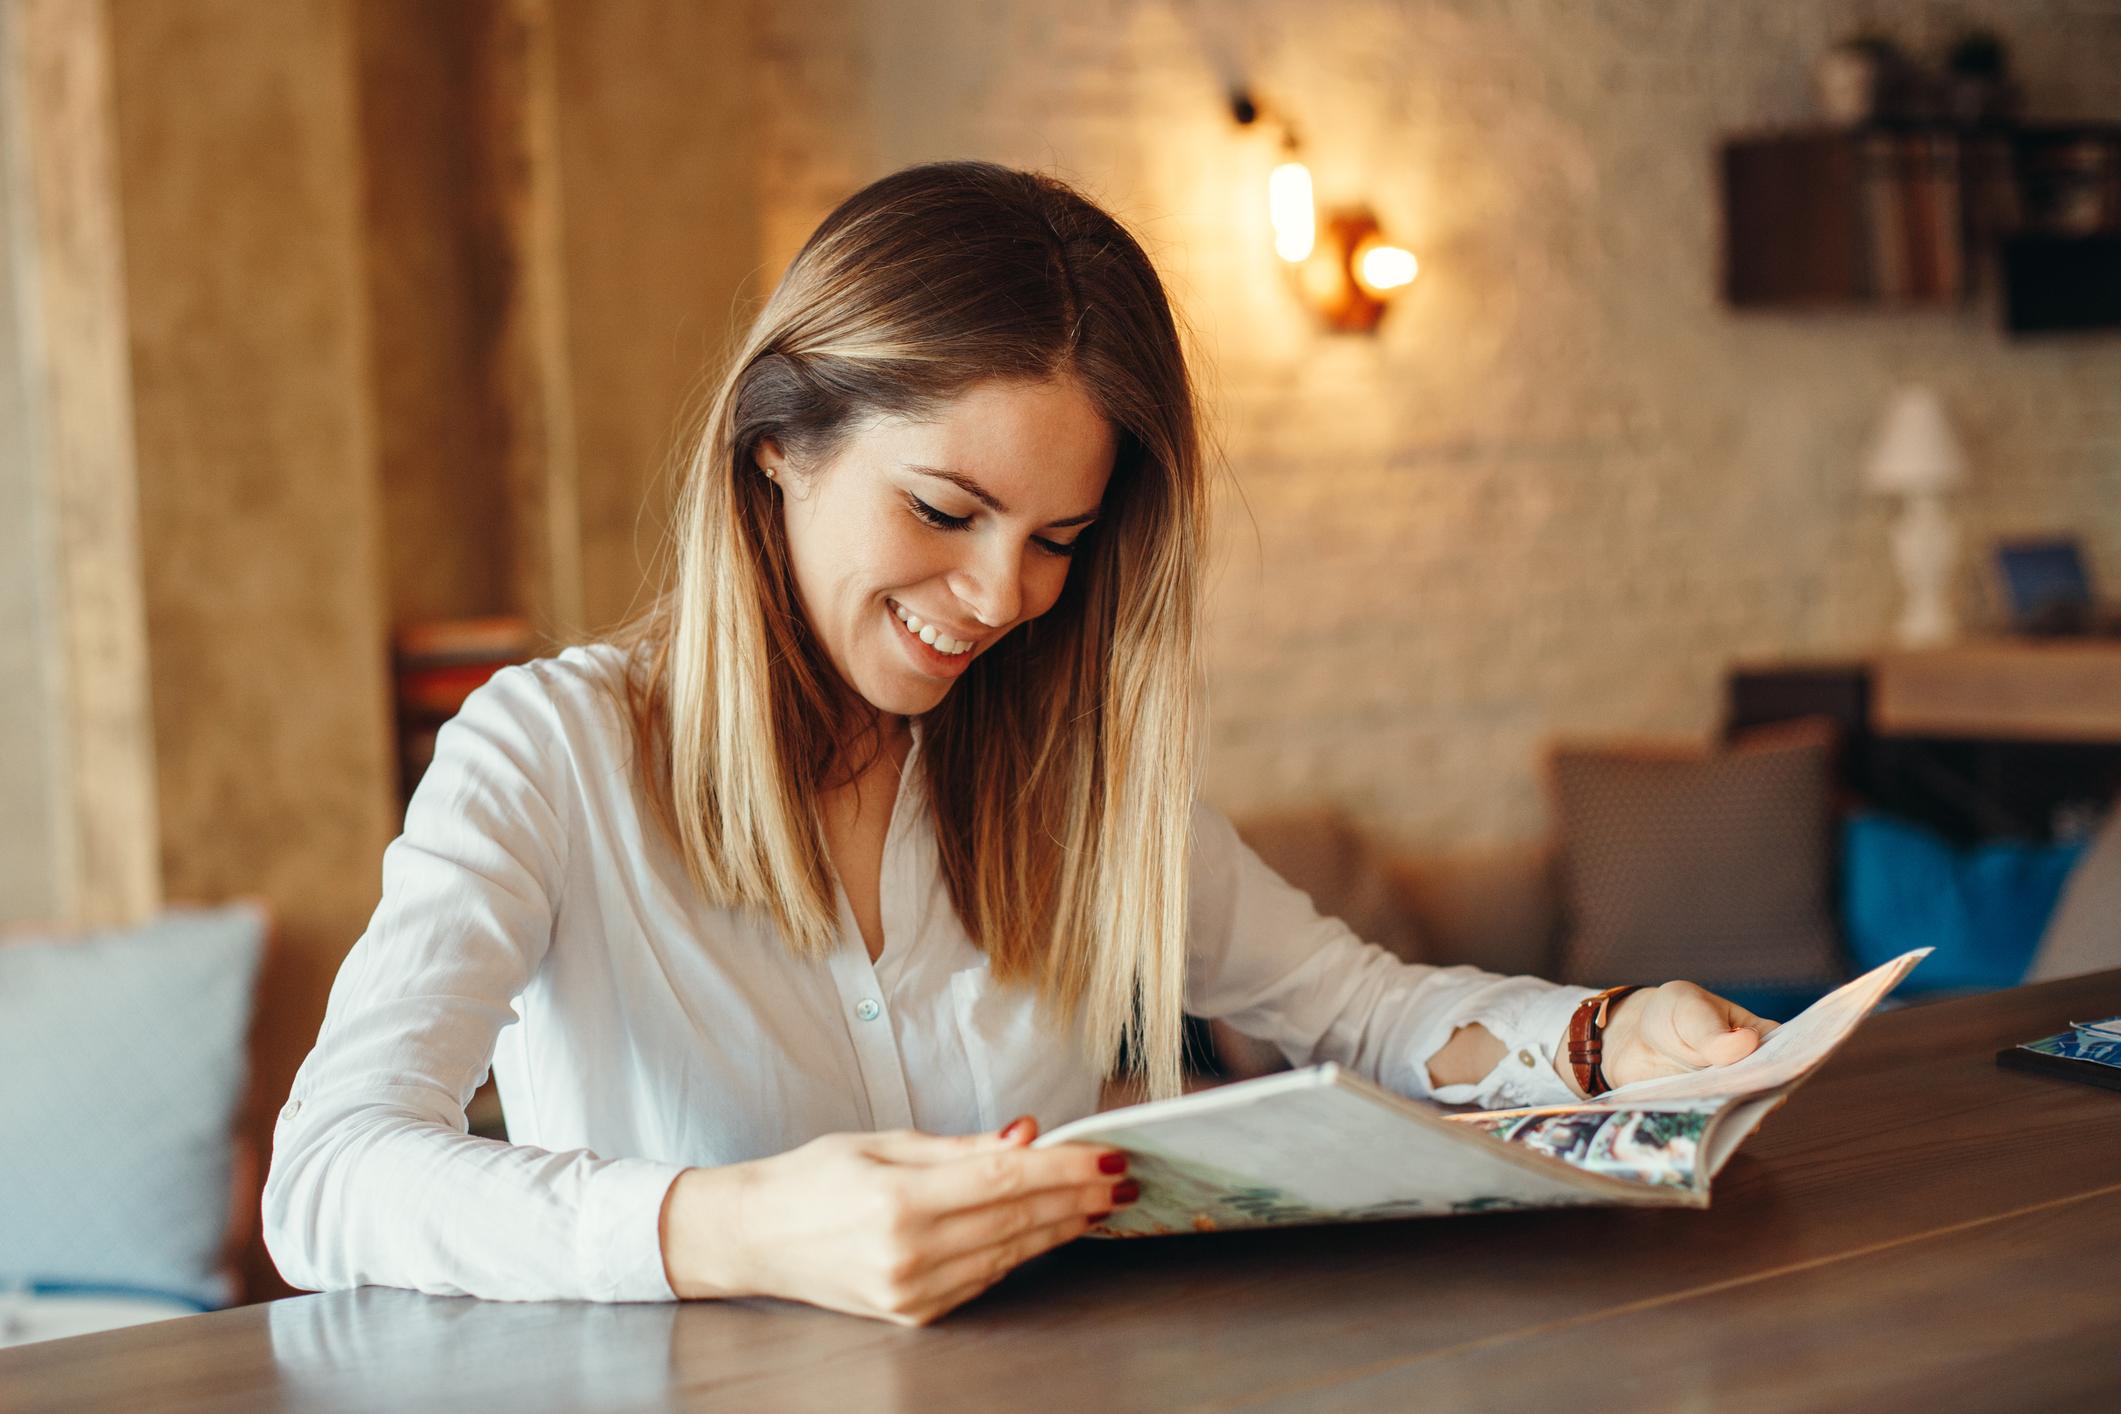 Publikacja drukowana w stylu magazynu wnętrzarskiego jest najbardziej ekskluzywnym medium w naszym portfolio. - Z magazynem docieramy do największych agencji nieruchomości pokazując nieruchomości premium w niespotykany sposób.